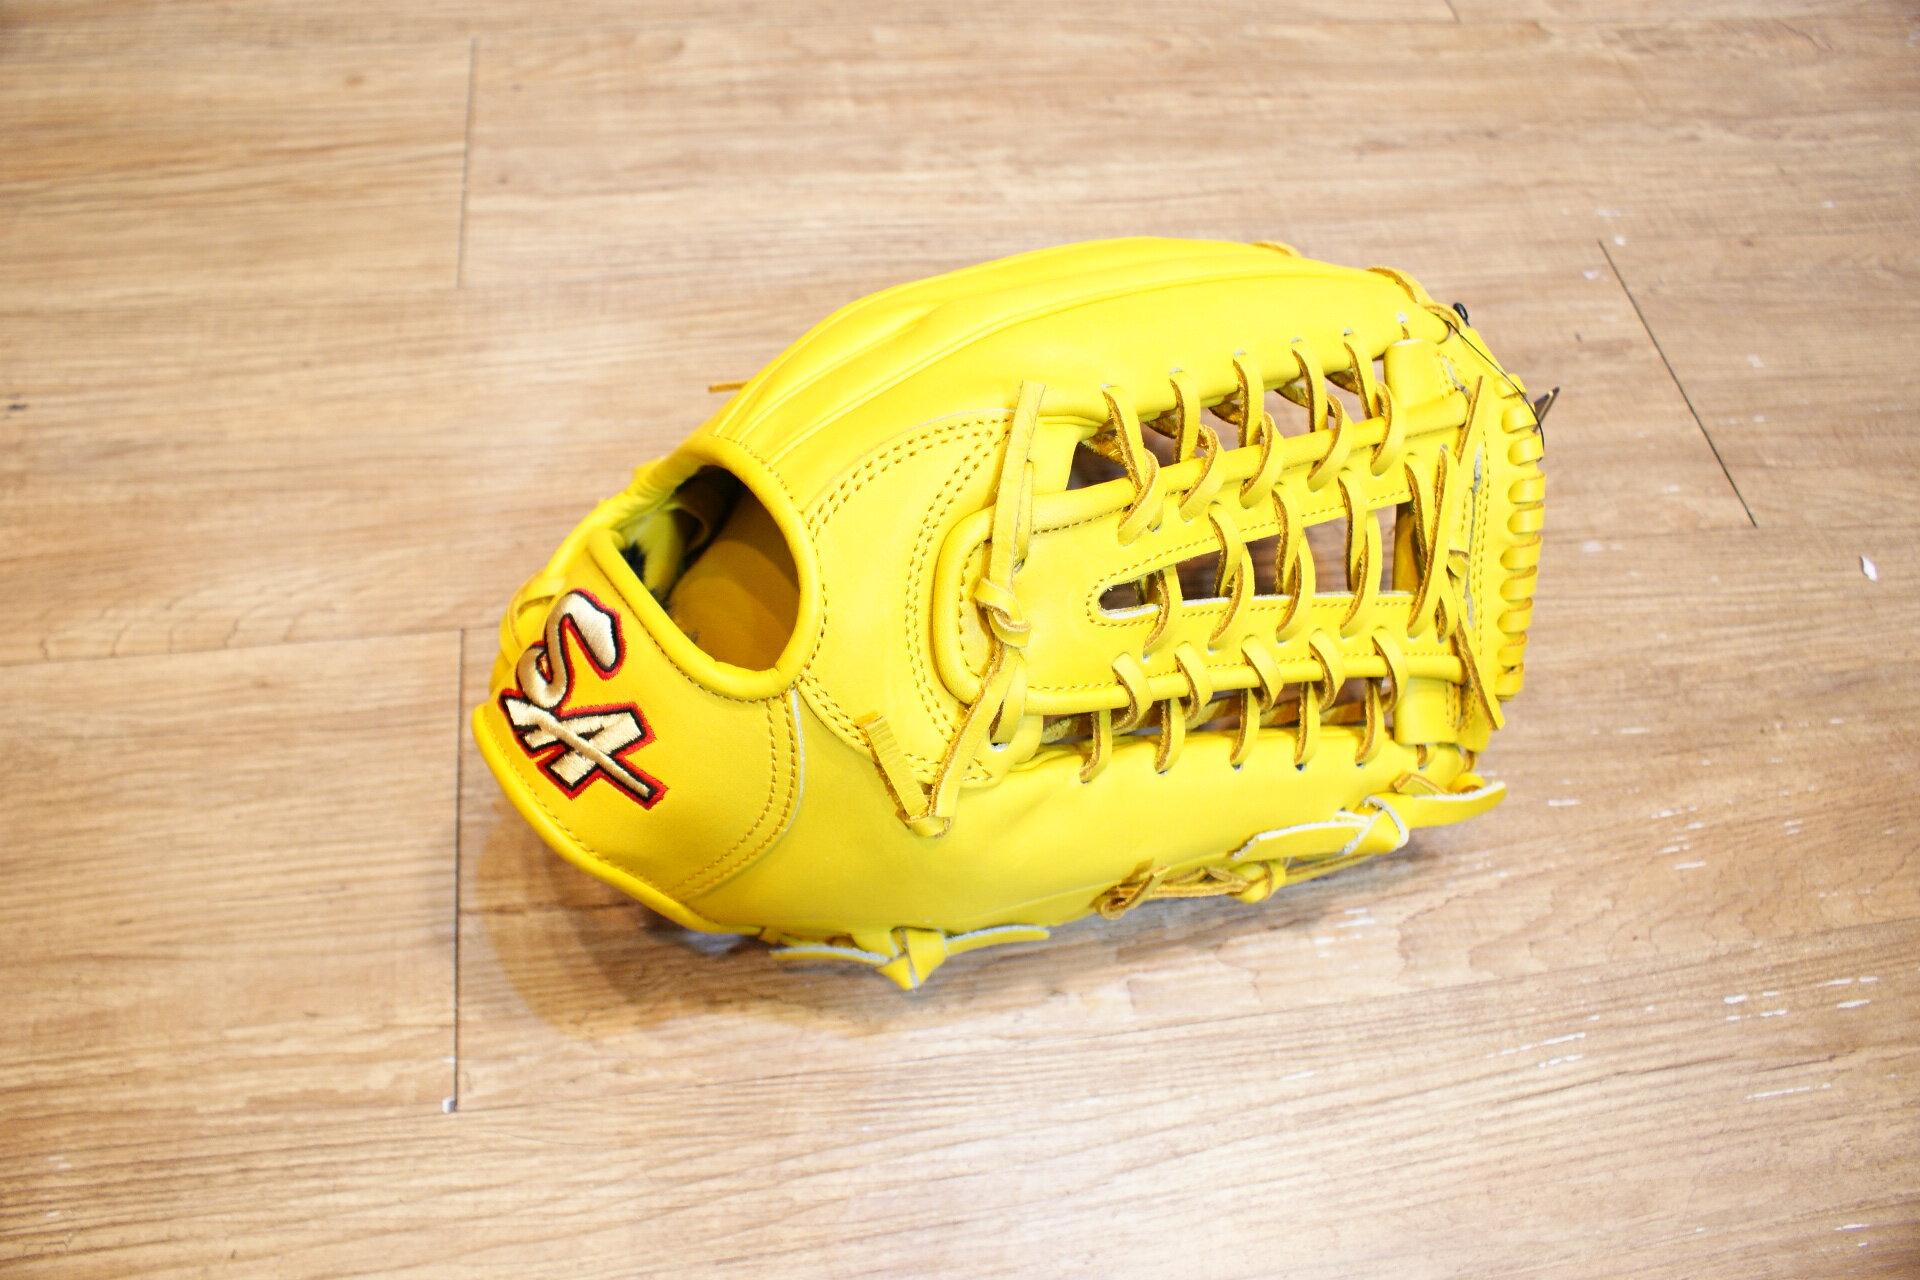 棒球世界 全新SA KIP 硬式小牛皮棒壘球手套 限量 發行 只有一個